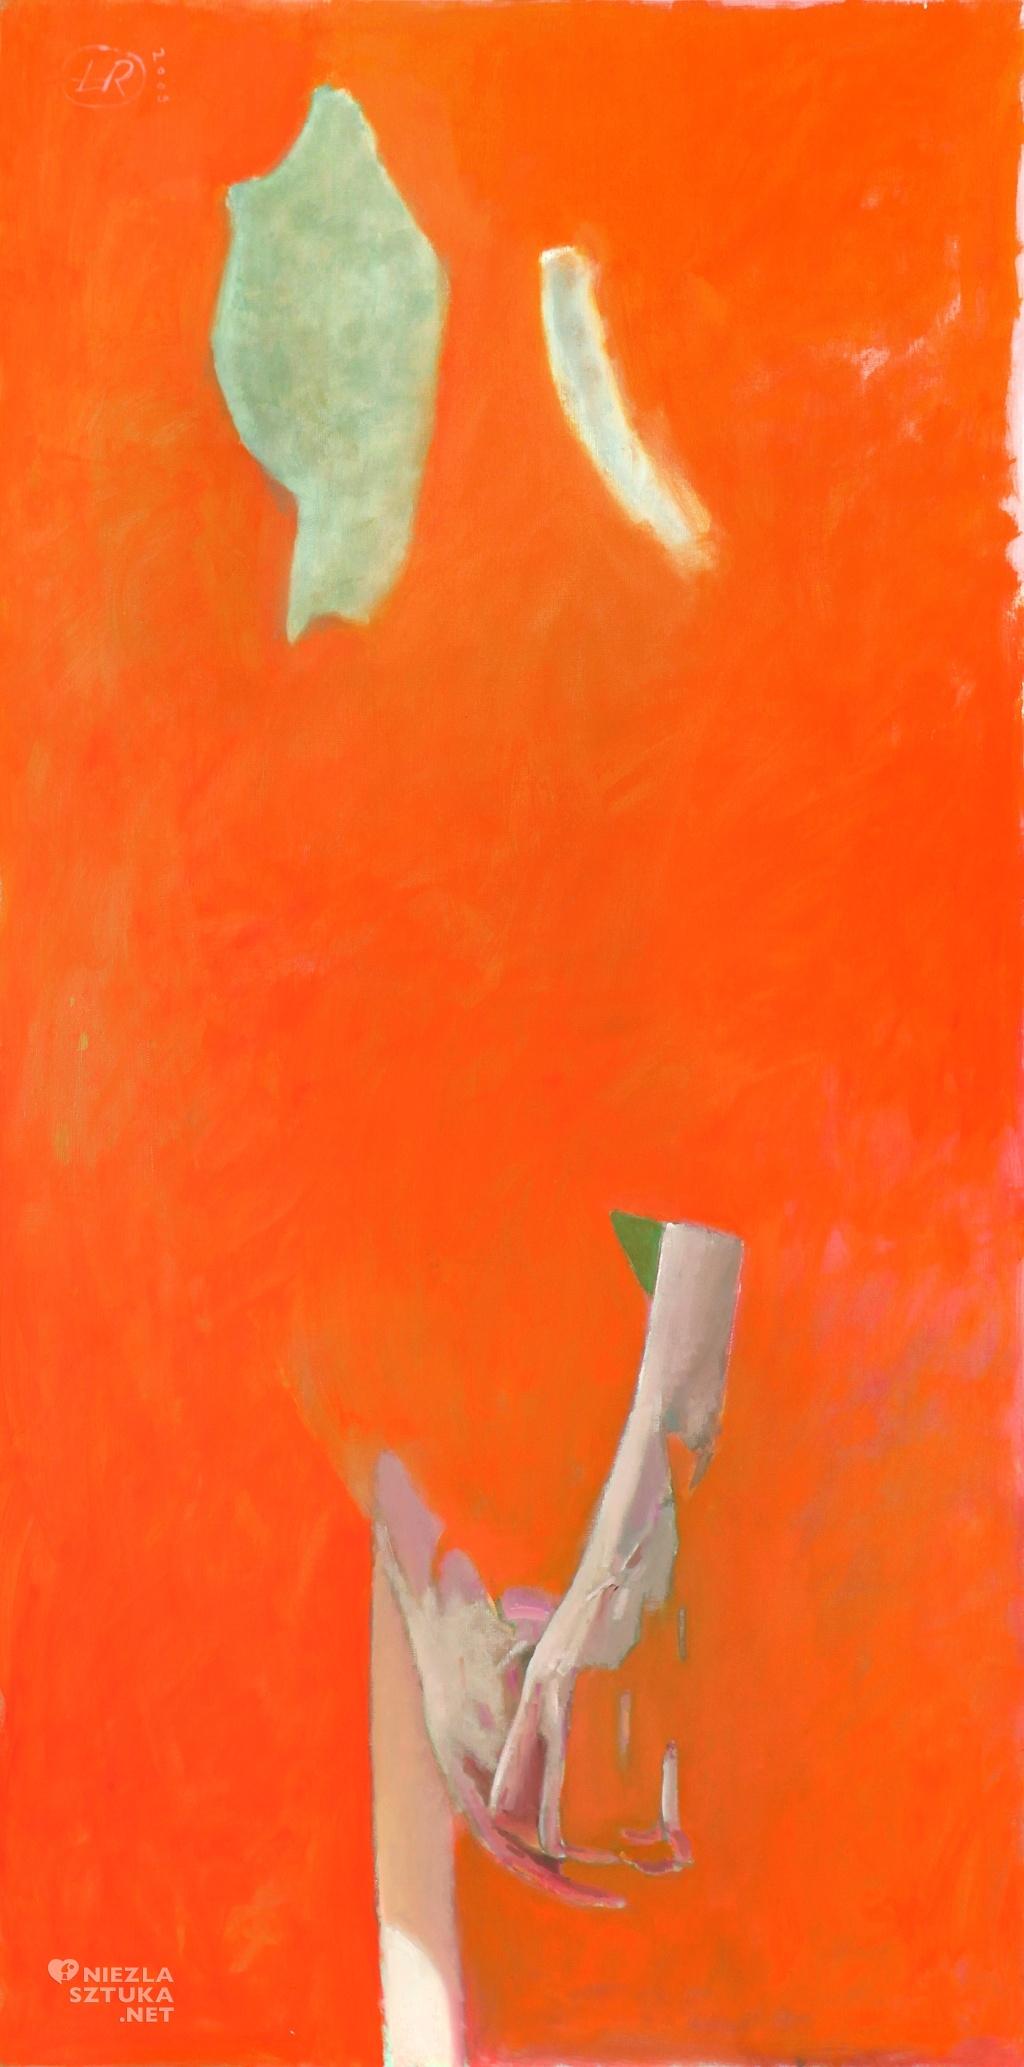 n-figura pomarańczowa | 2009